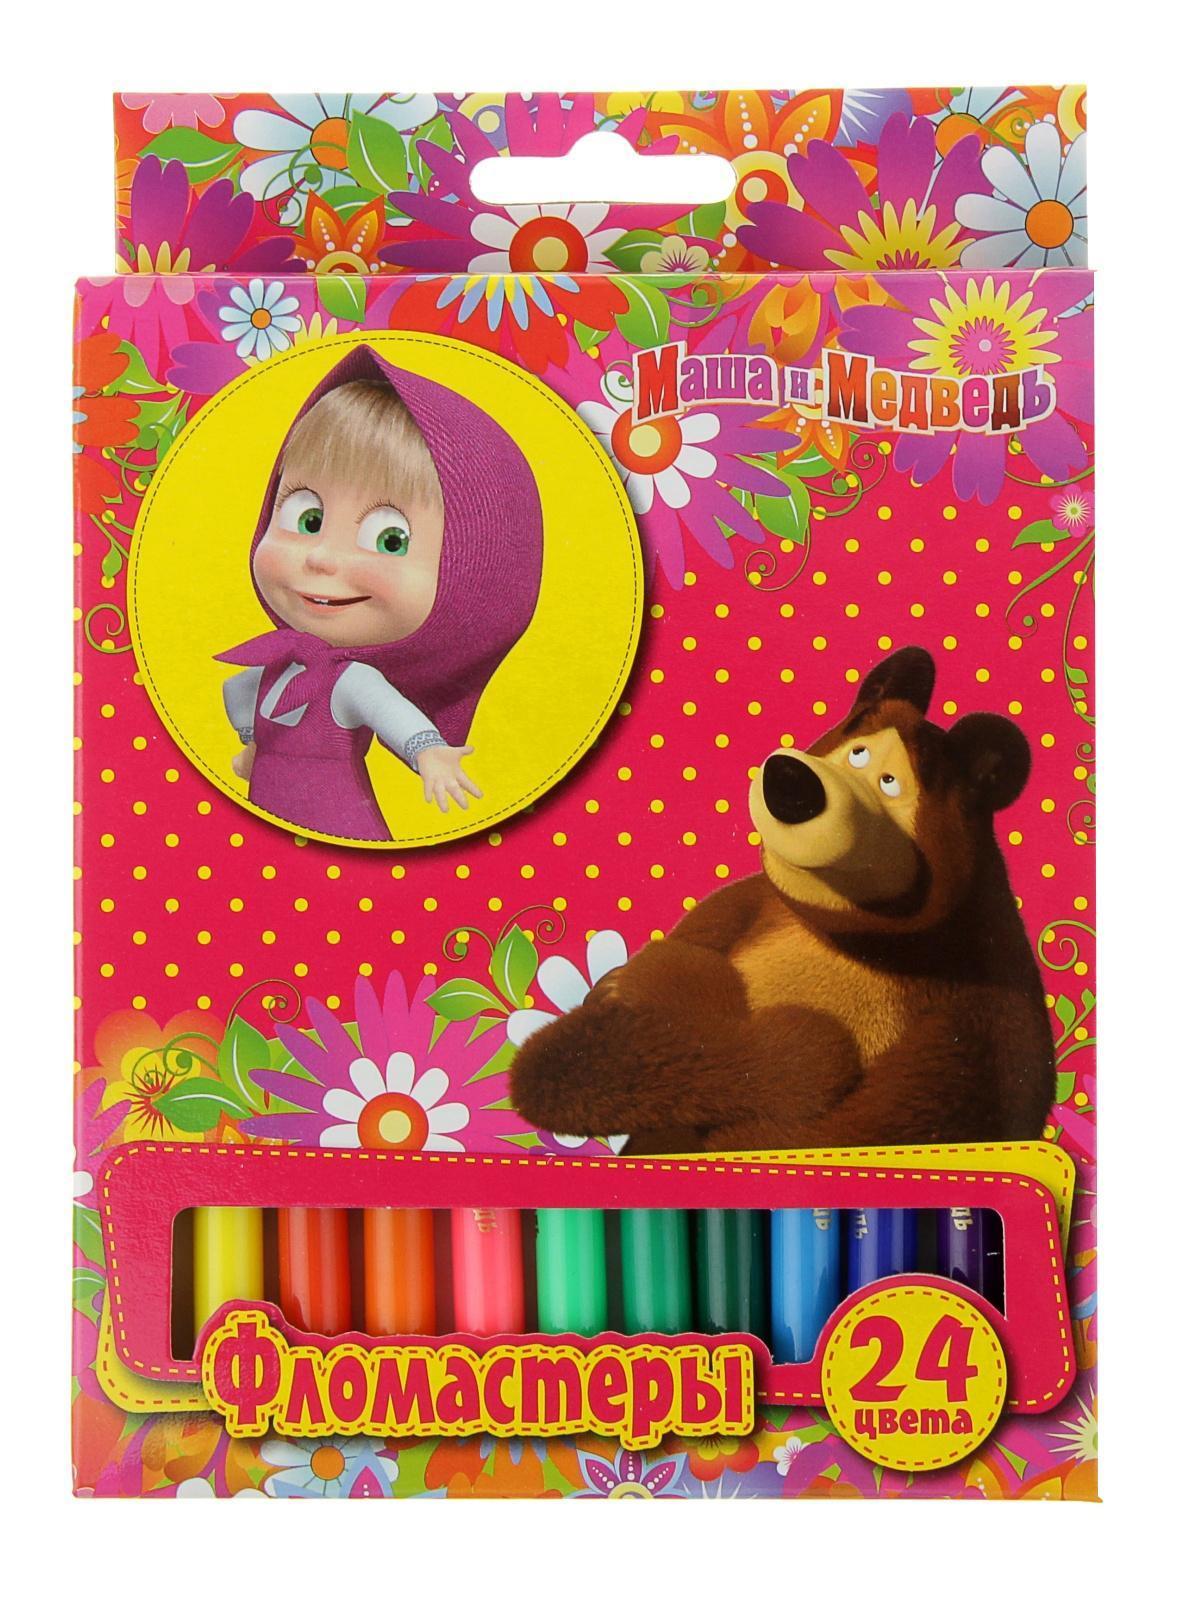 Фломастеры Маша и Медведь 24 цветов22744Фломастеры «Маша и Медведь» помогут вашему малышу создать яркие рисунки, а упаковка с героями любимого мультфильма будет долгое время радовать кроху. В наборе 24 фломастера разных цветов, снабженных вентилируемыми колпачками, безопасными для детей. Фломастеры безопасны при использовании по назначению, изготовлены из материала, обеспечивающего прочность корпуса и препятствующего испарению чернил, благодаря чему они имеют долгий срок службы. Гарантийный срок хранения: 24 месяца. Поверхность: Бумага. Для рисования. Материал: Пластик.